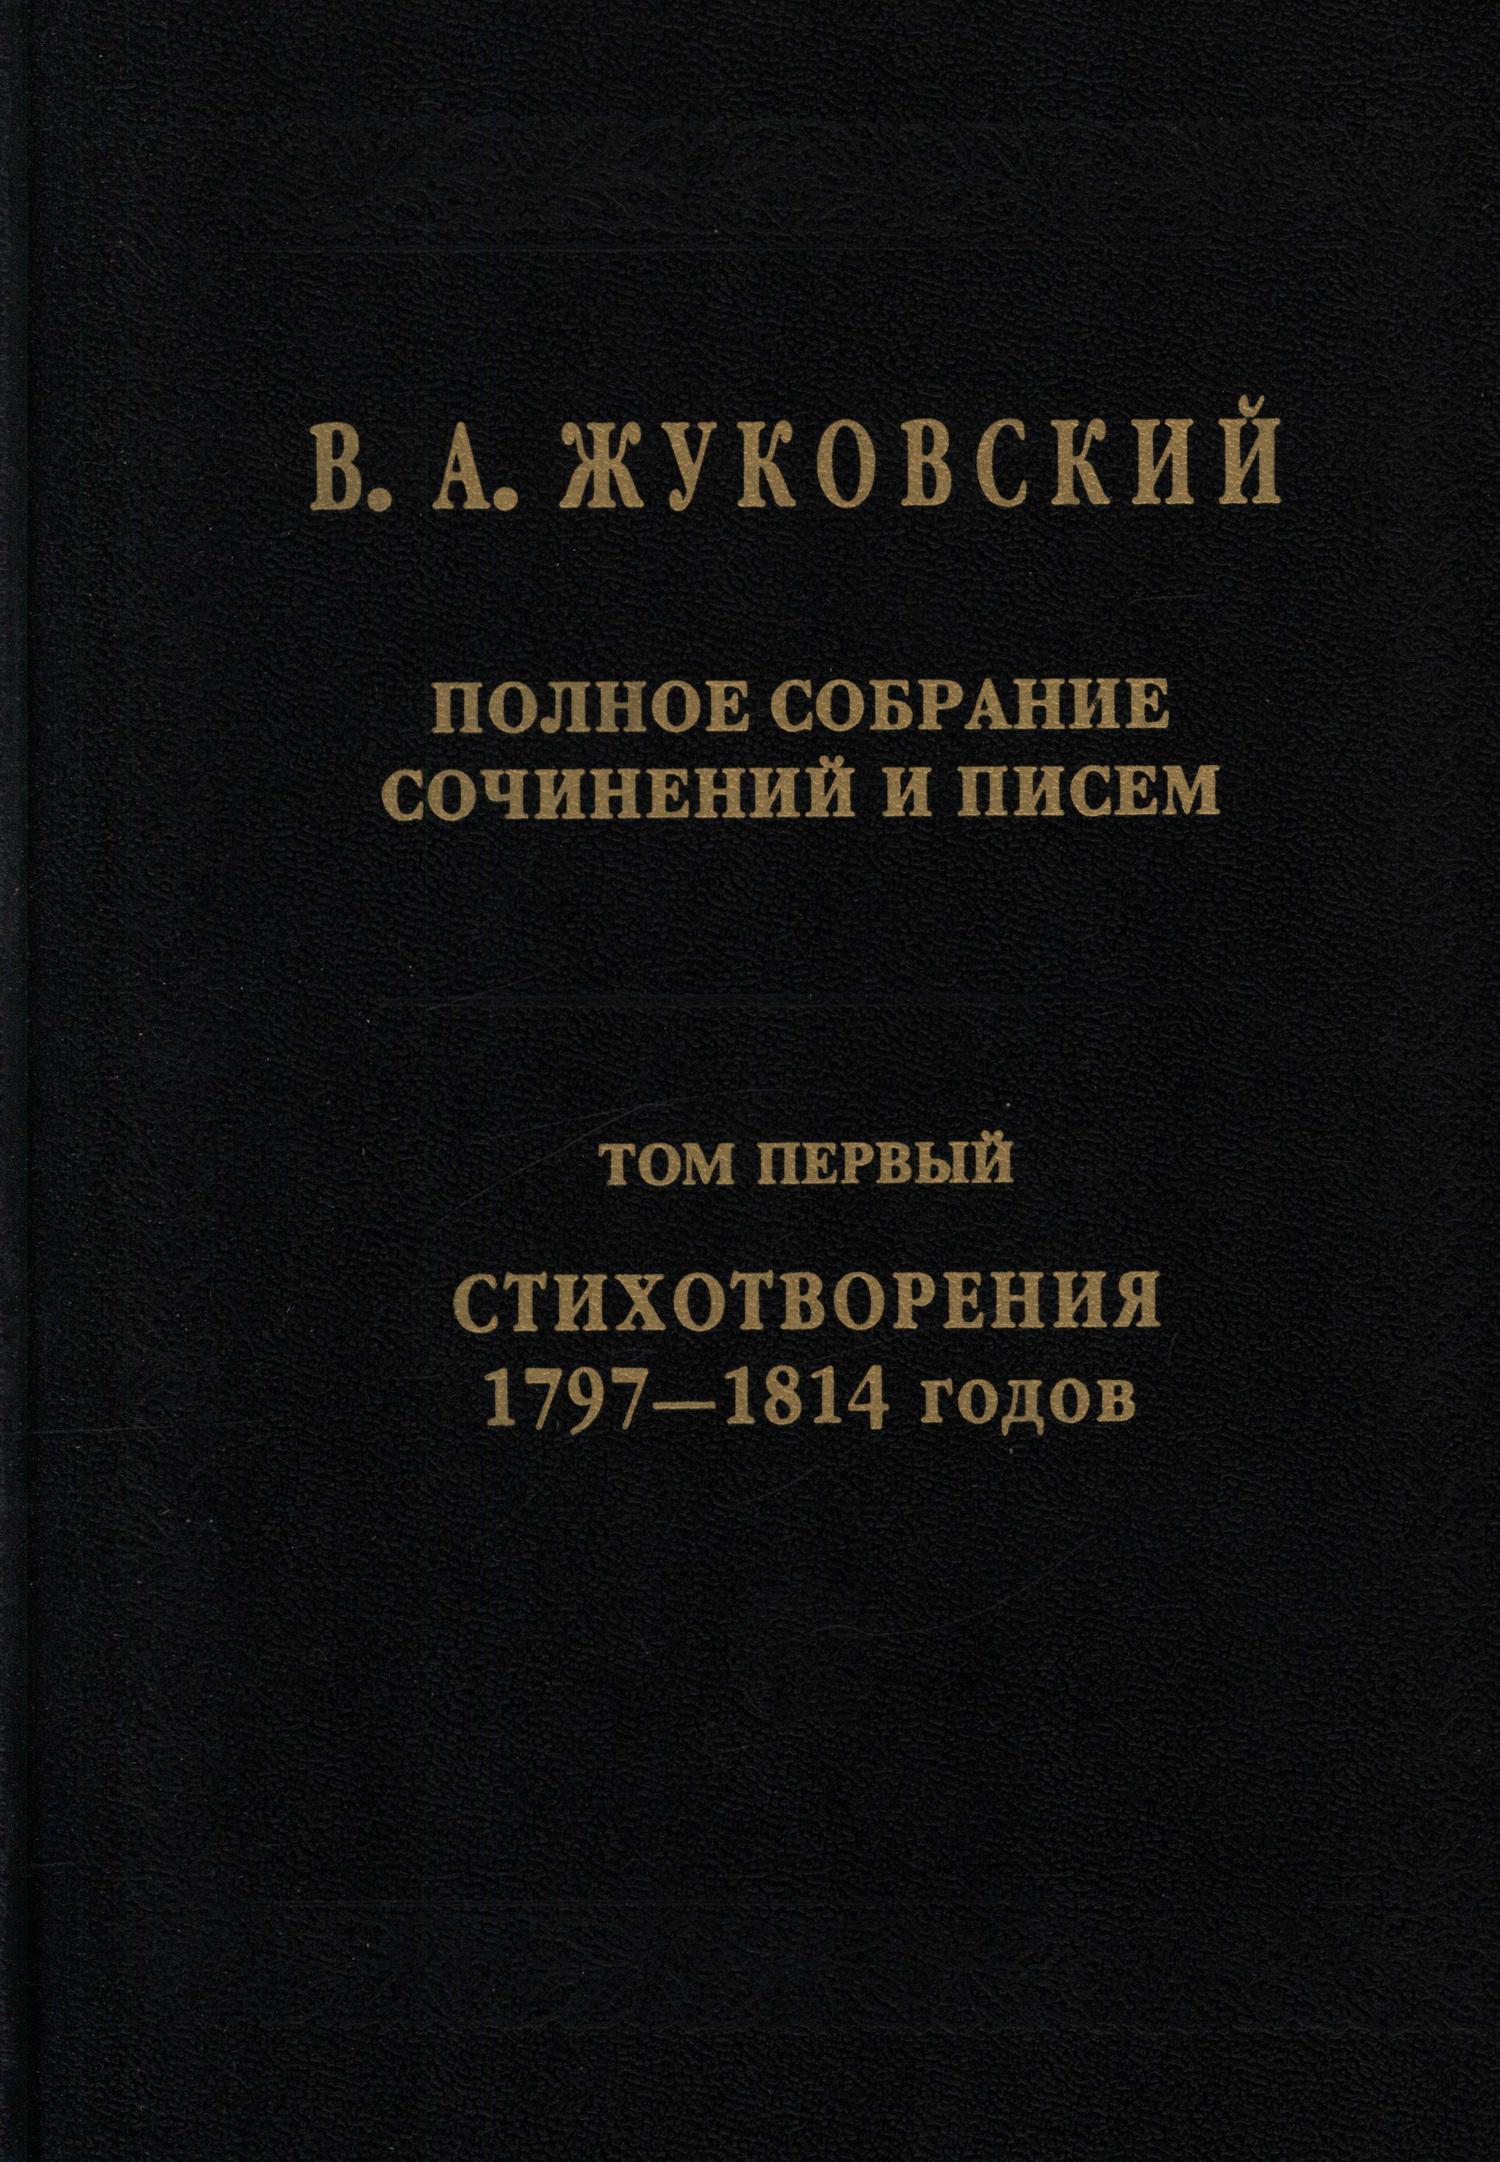 Василий Андреевич Жуковский Полное собрание сочинений и писем. Том I. Стихотворения 1797–1814